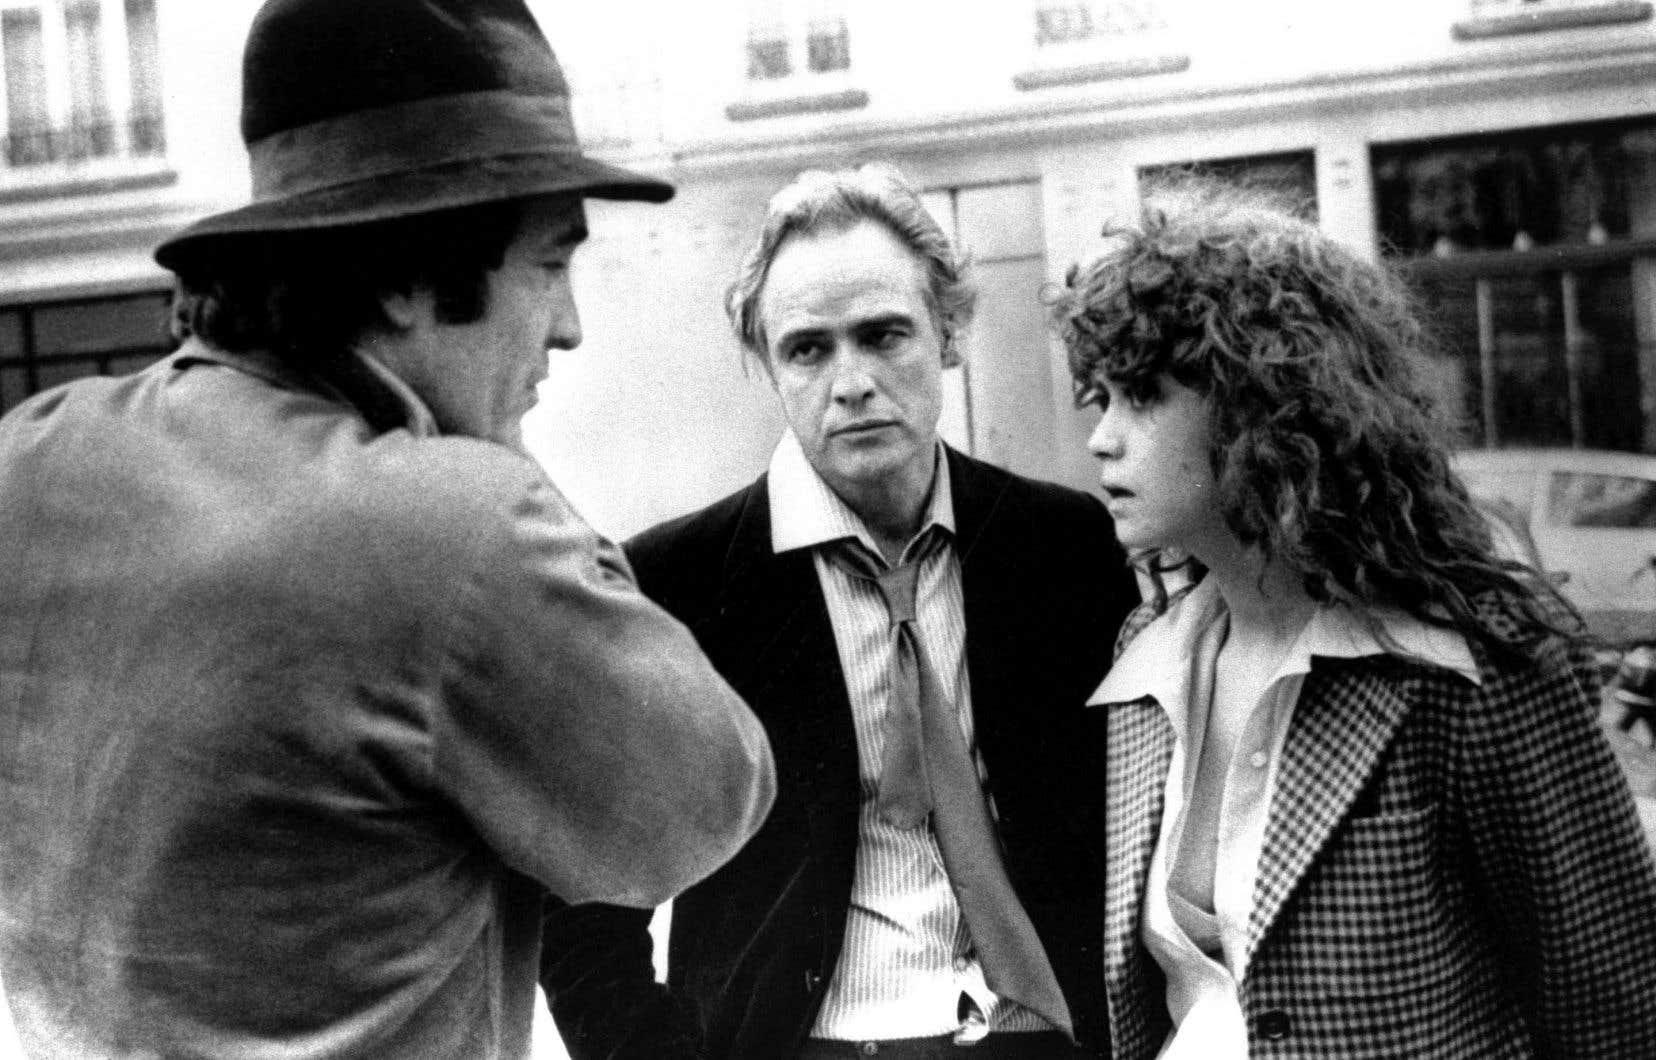 Le réalisateur italien Bernardo Bertolucci en compagnie de Marlon Brando et Maria Schneider, durant le tournage du film «Le dernier tango à Paris», en 1973.